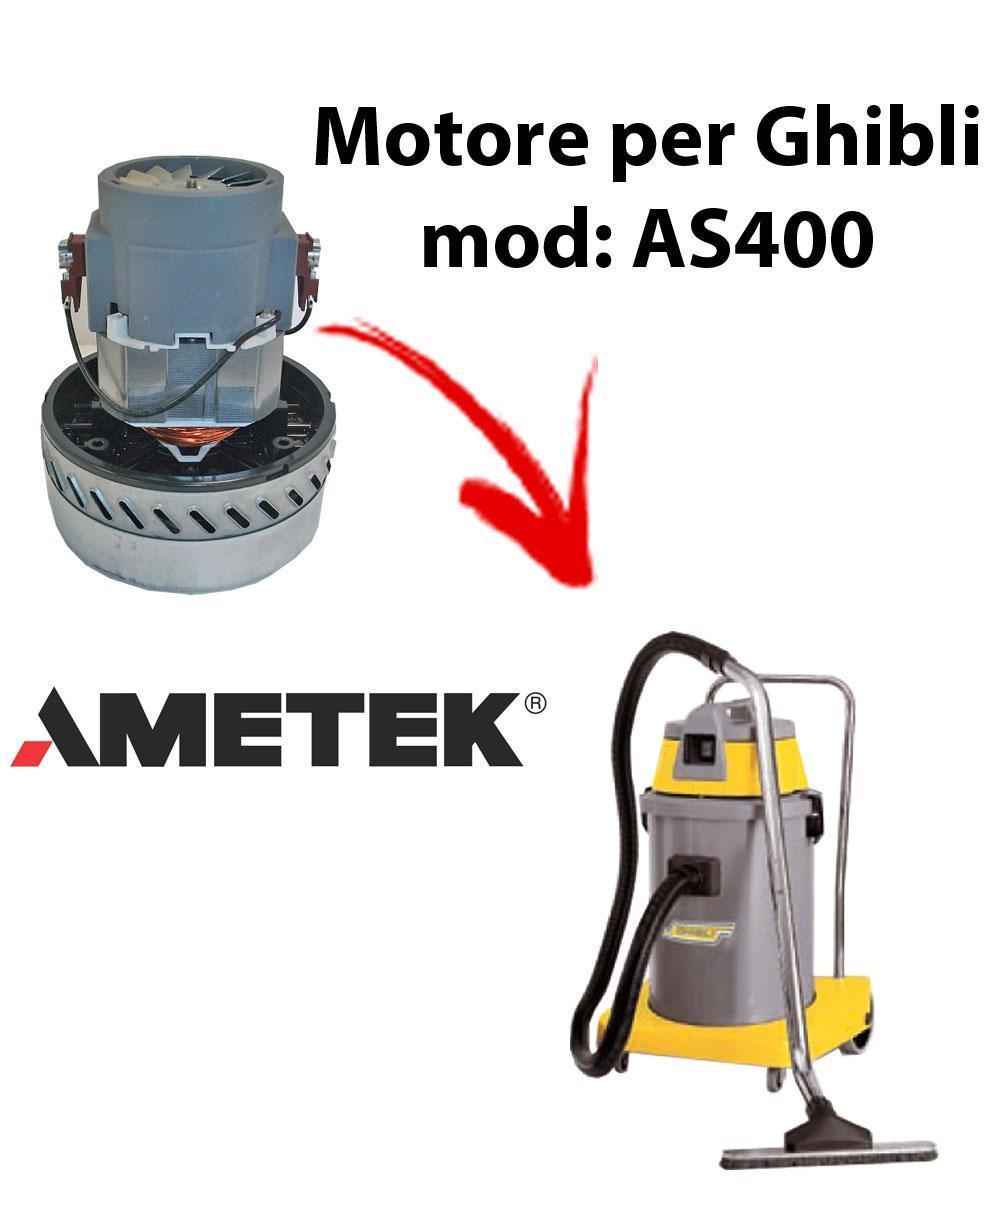 AS400 Saugmotor AMETEK für Staubsauger GHIBLI